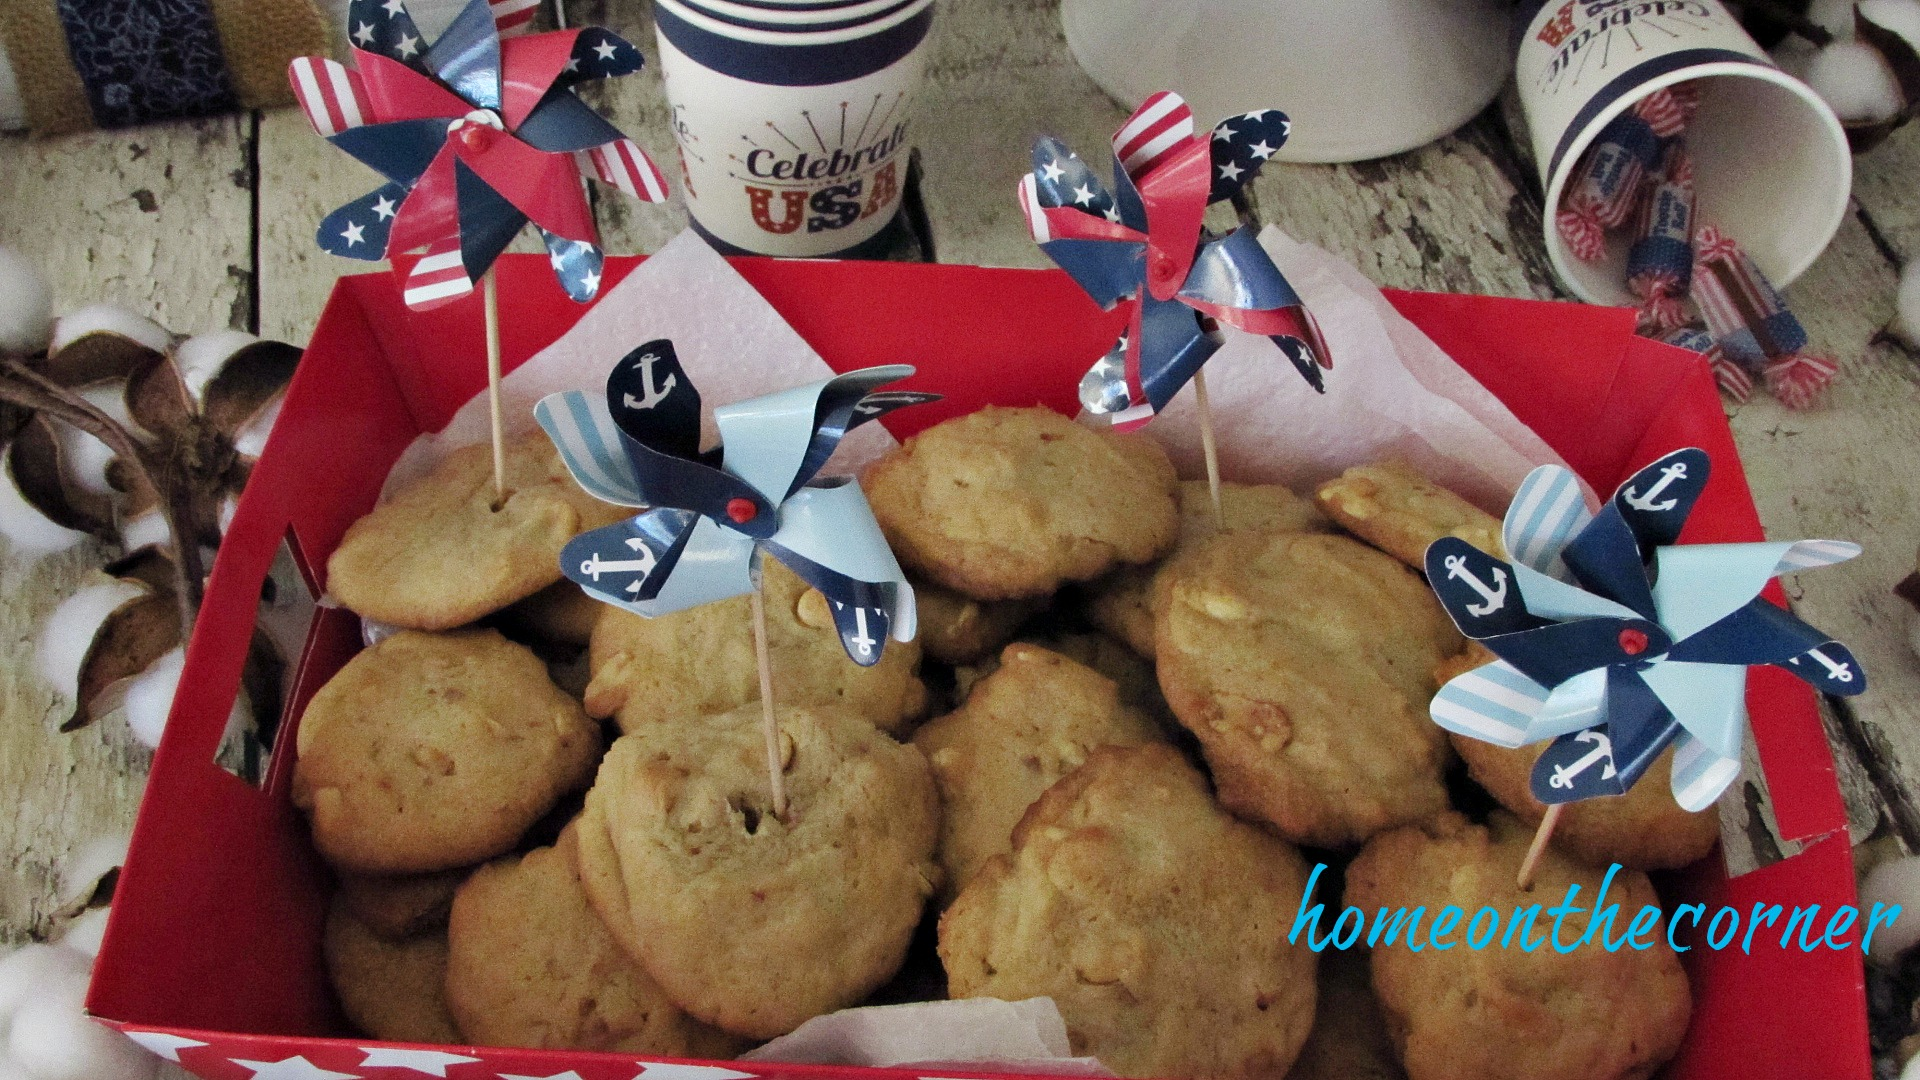 patriotic cookies with pinwheels